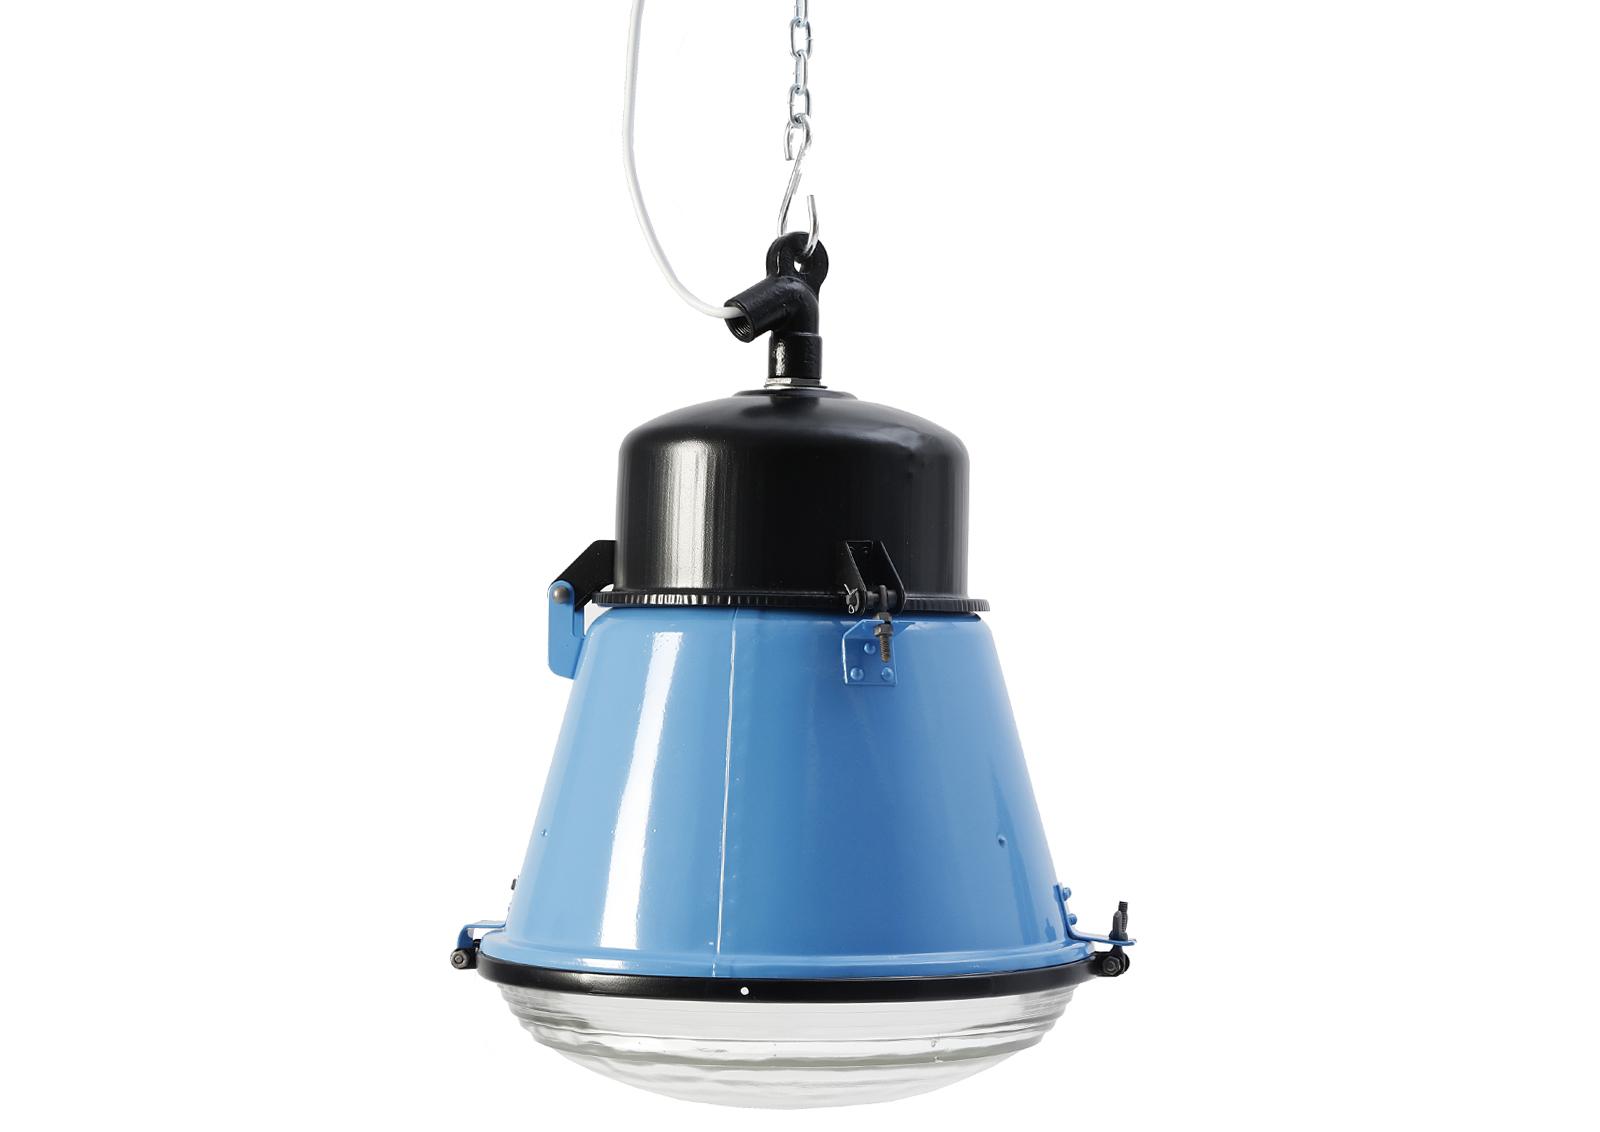 Lampa przemysłowa PRL ORP-125 PRL Black/White/Blue